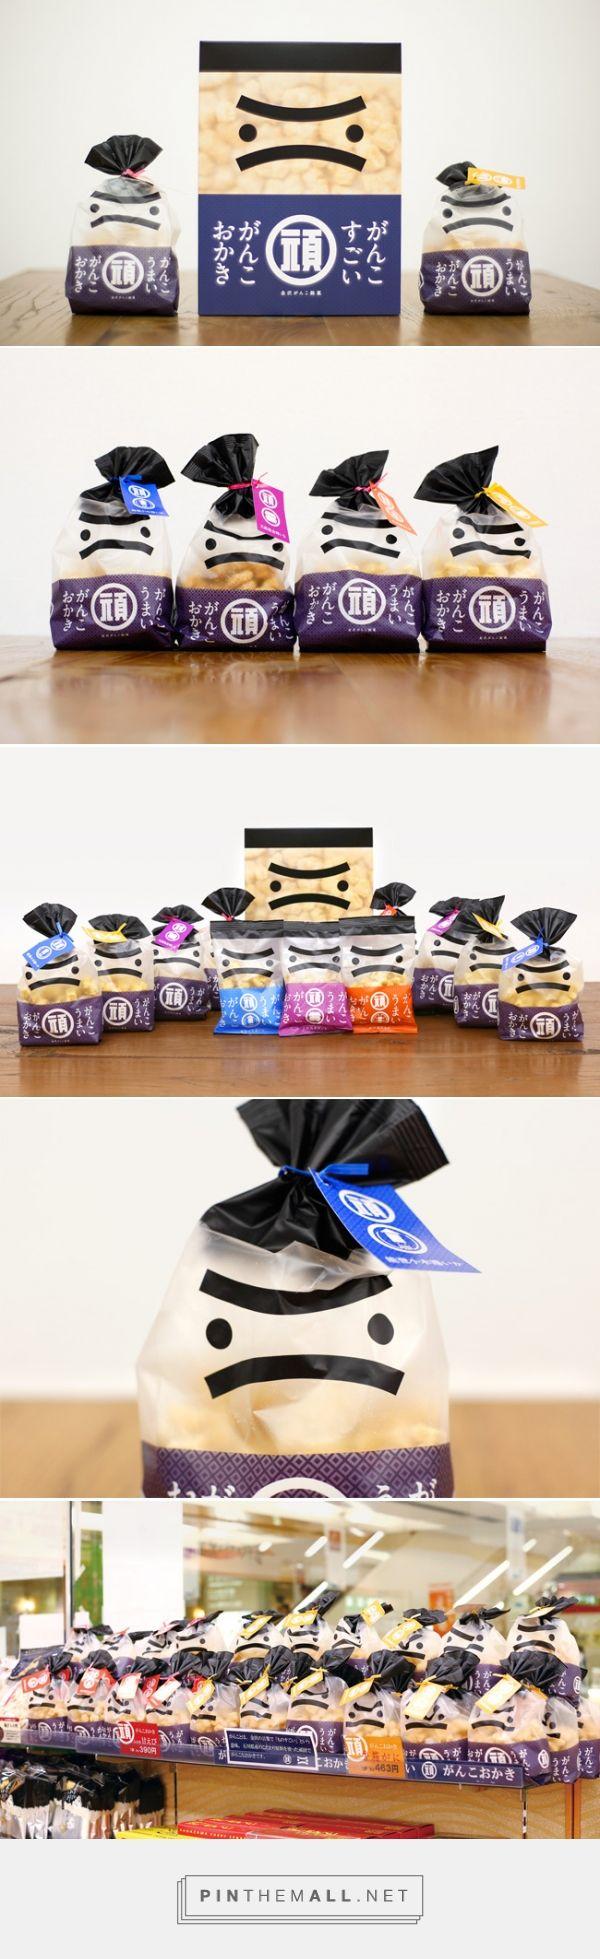 オハラ がんこおかき・プロデュース事例 | 石川県金沢市のデザインチーム「ヴォイス」 ホームページ作成やCMの企画制作をはじめNPOタテマチ大学を運営. Fun snacks packaging : ) PD                                                                                                                                                                                 もっと見る